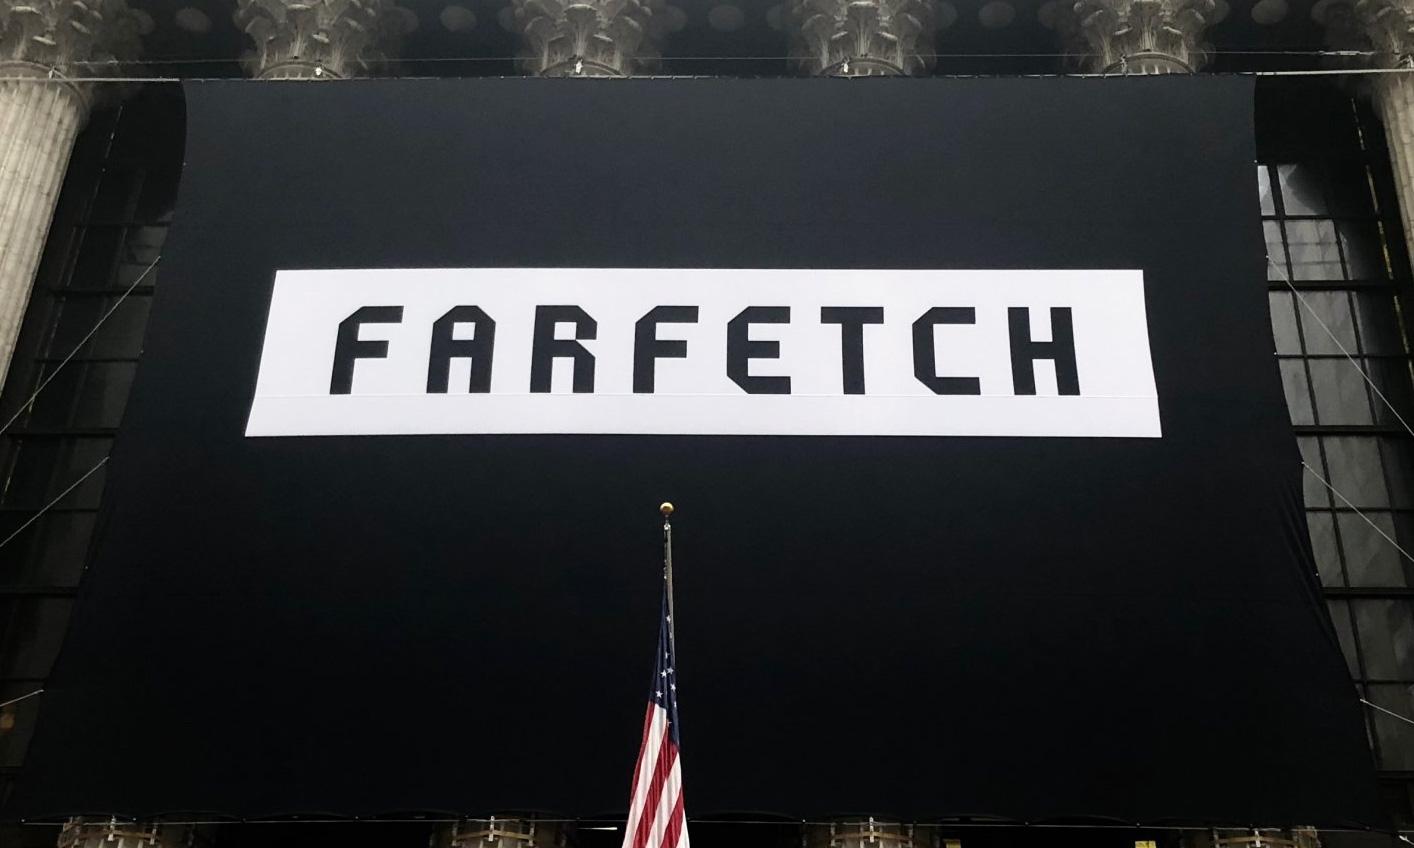 被腾讯注资、收购 OC 和 AMBUSH® 的 Farfetch, 正在部署着未来的时尚